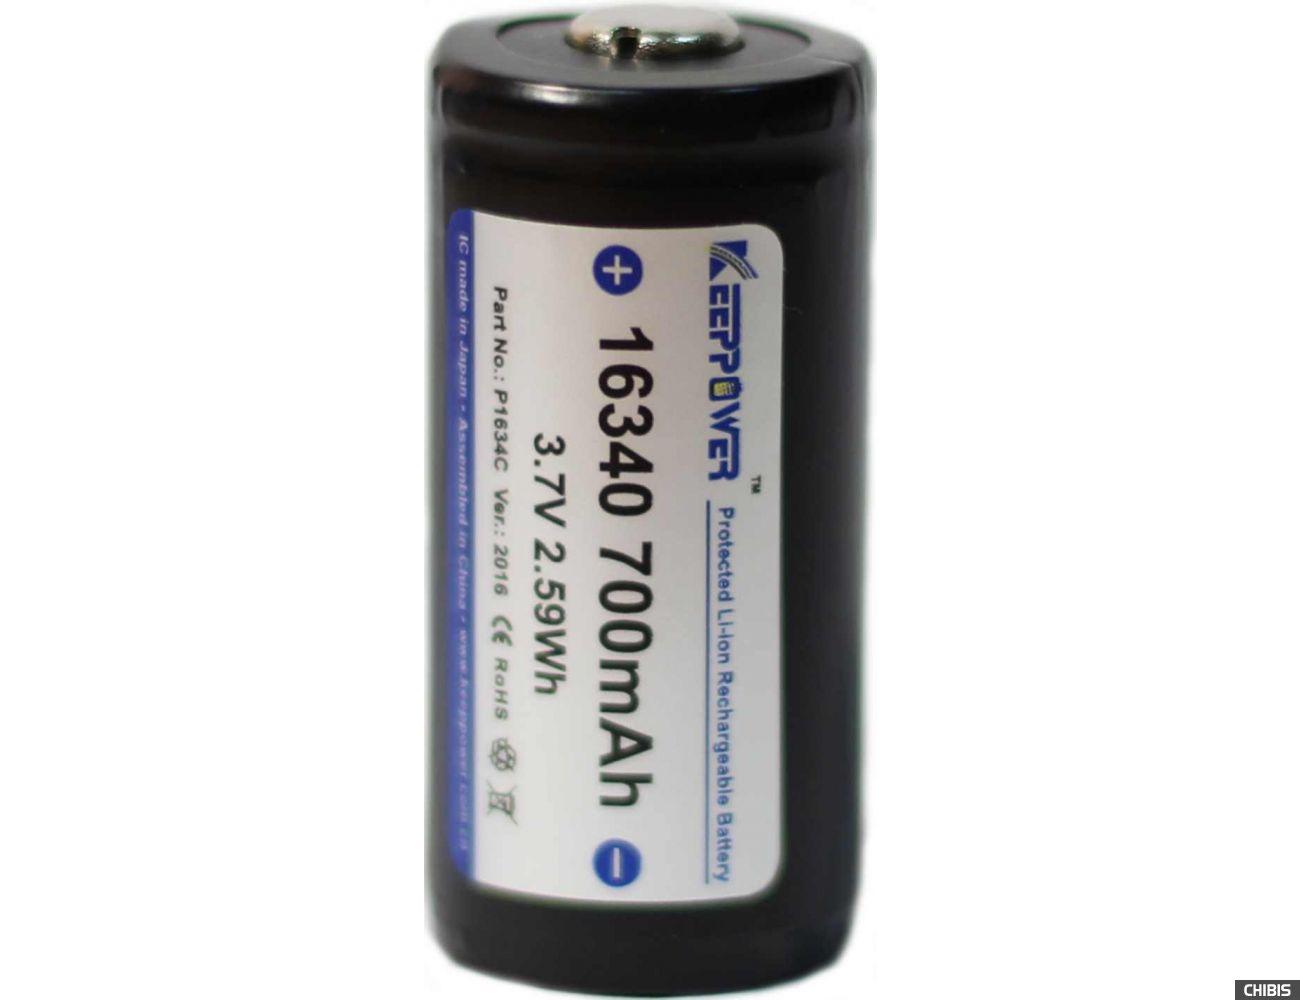 Акумуляторная батарейка CR123 KEEPPOWER 16340 3.7V 700mAh